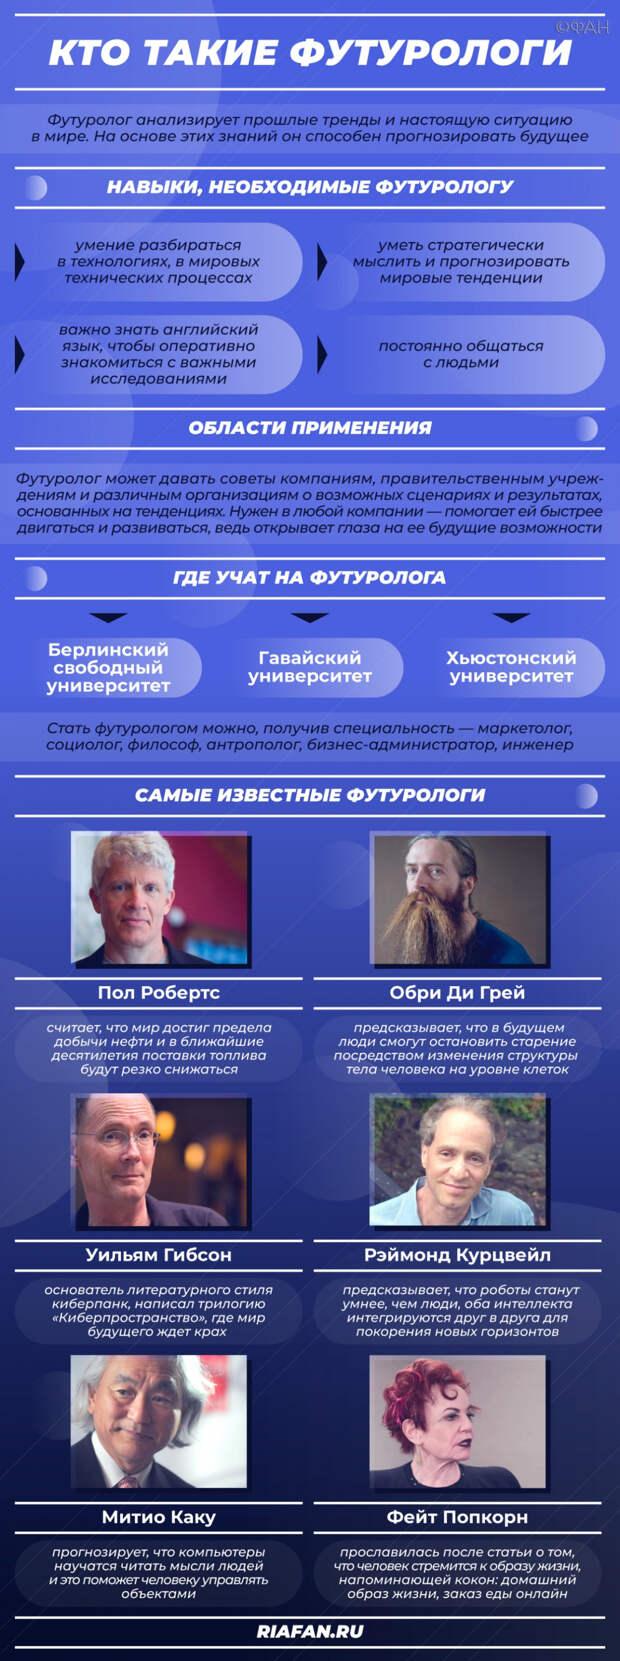 Карьерный консультант Валинуров объяснил, зачем директорам учиться на футуролога